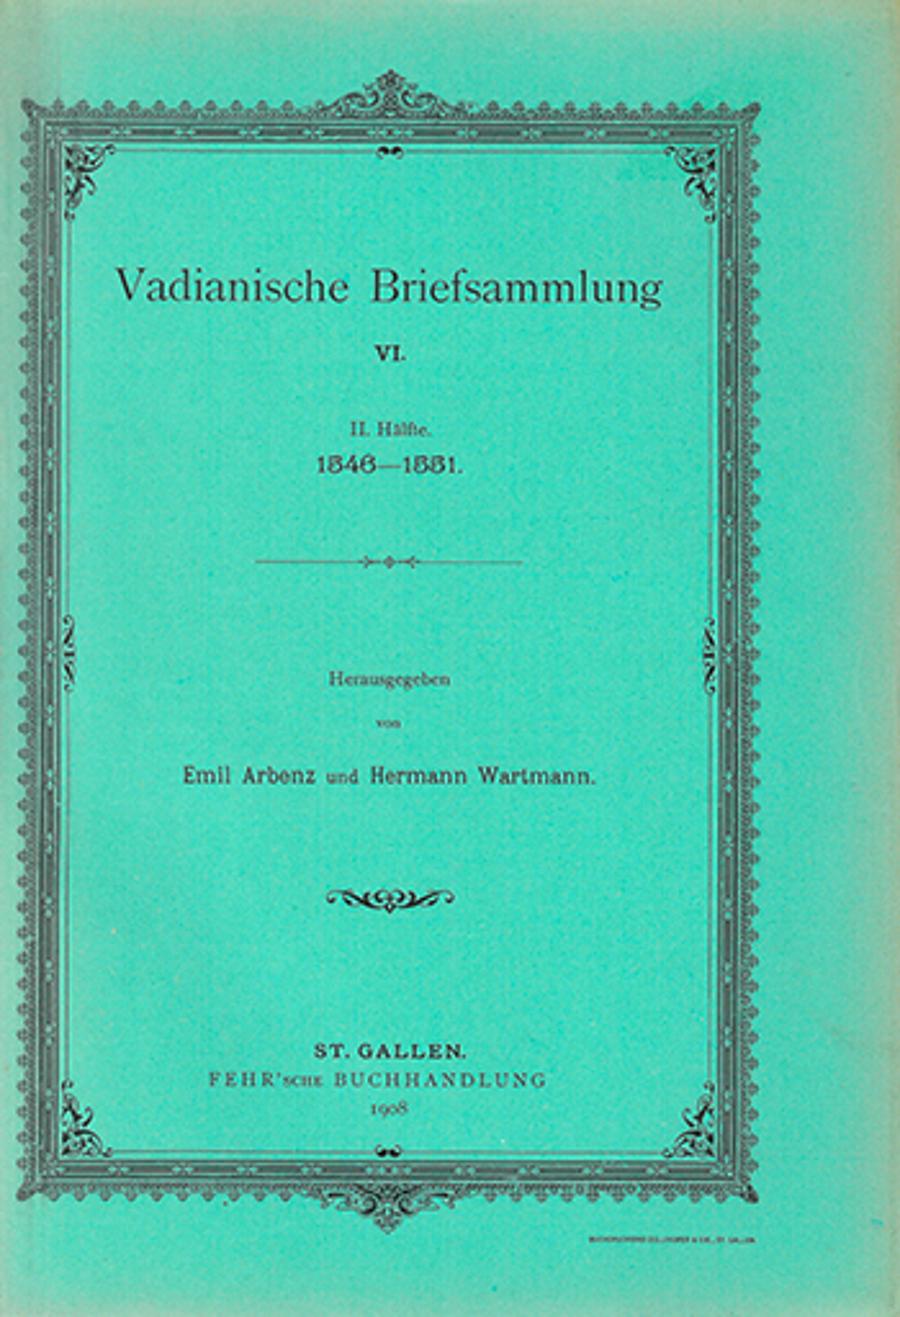 Vadianische Briefsammlung VI.  <p><p>2. Hälfte 1546-1551.